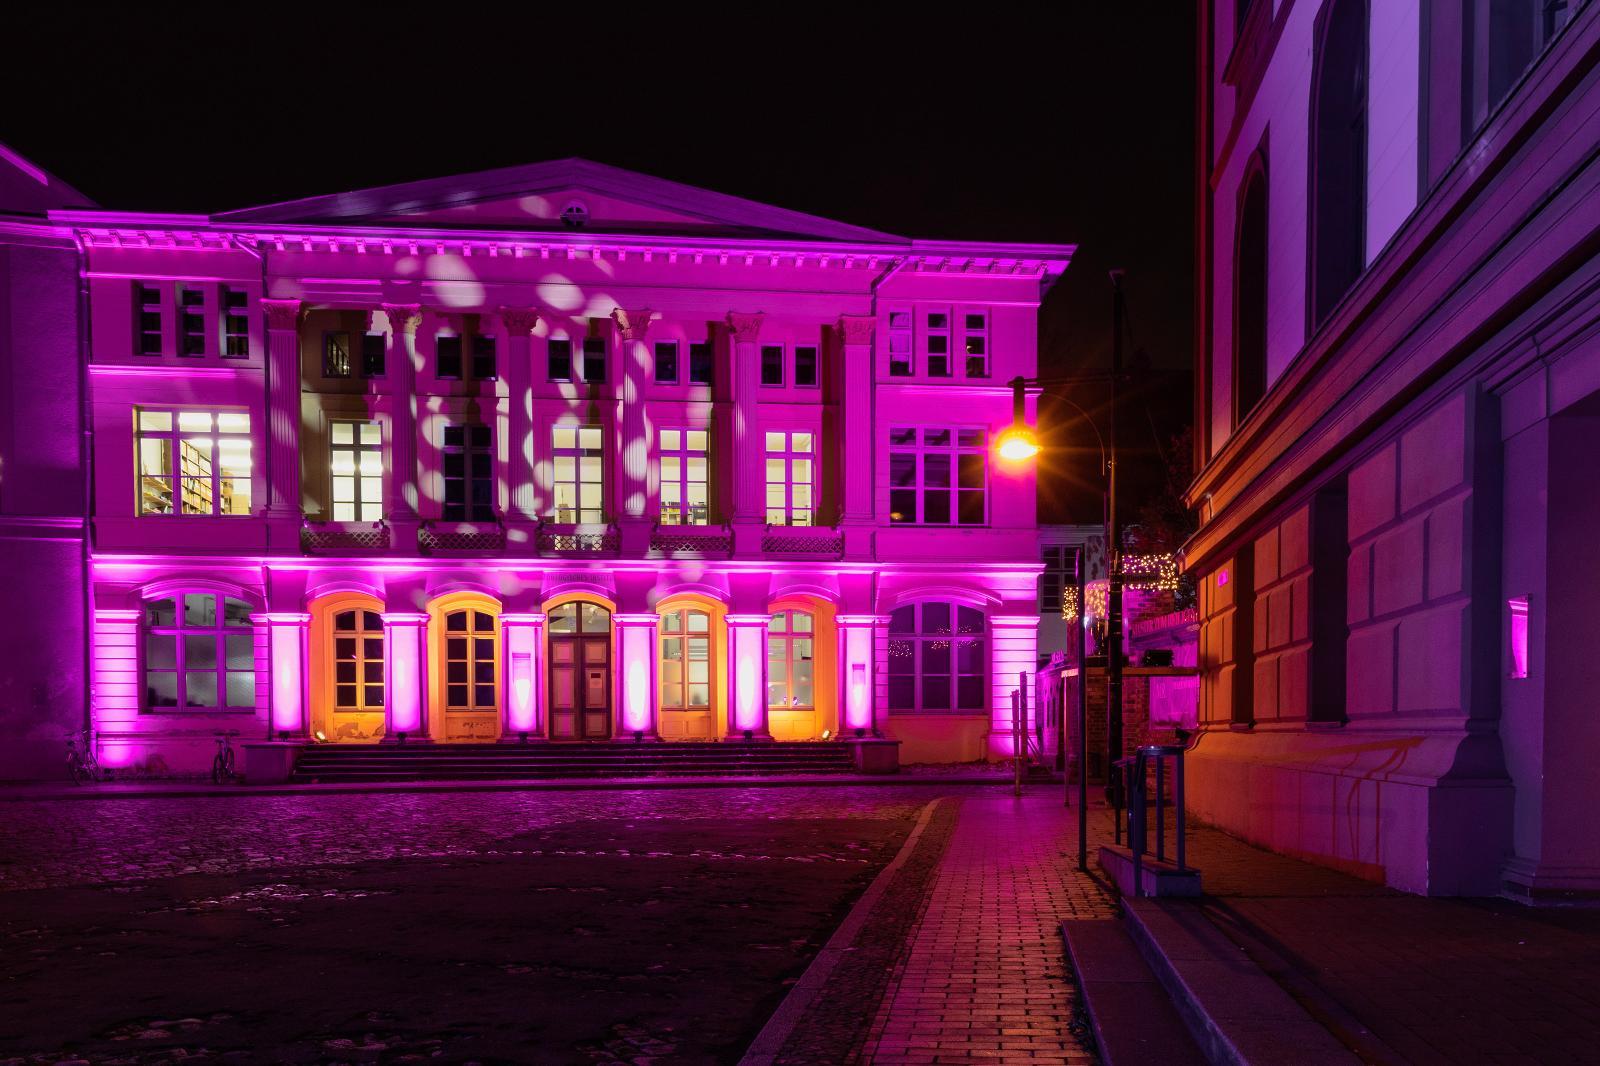 Vor dem Universitätsgebäude am Eingang zum Klosterhof.